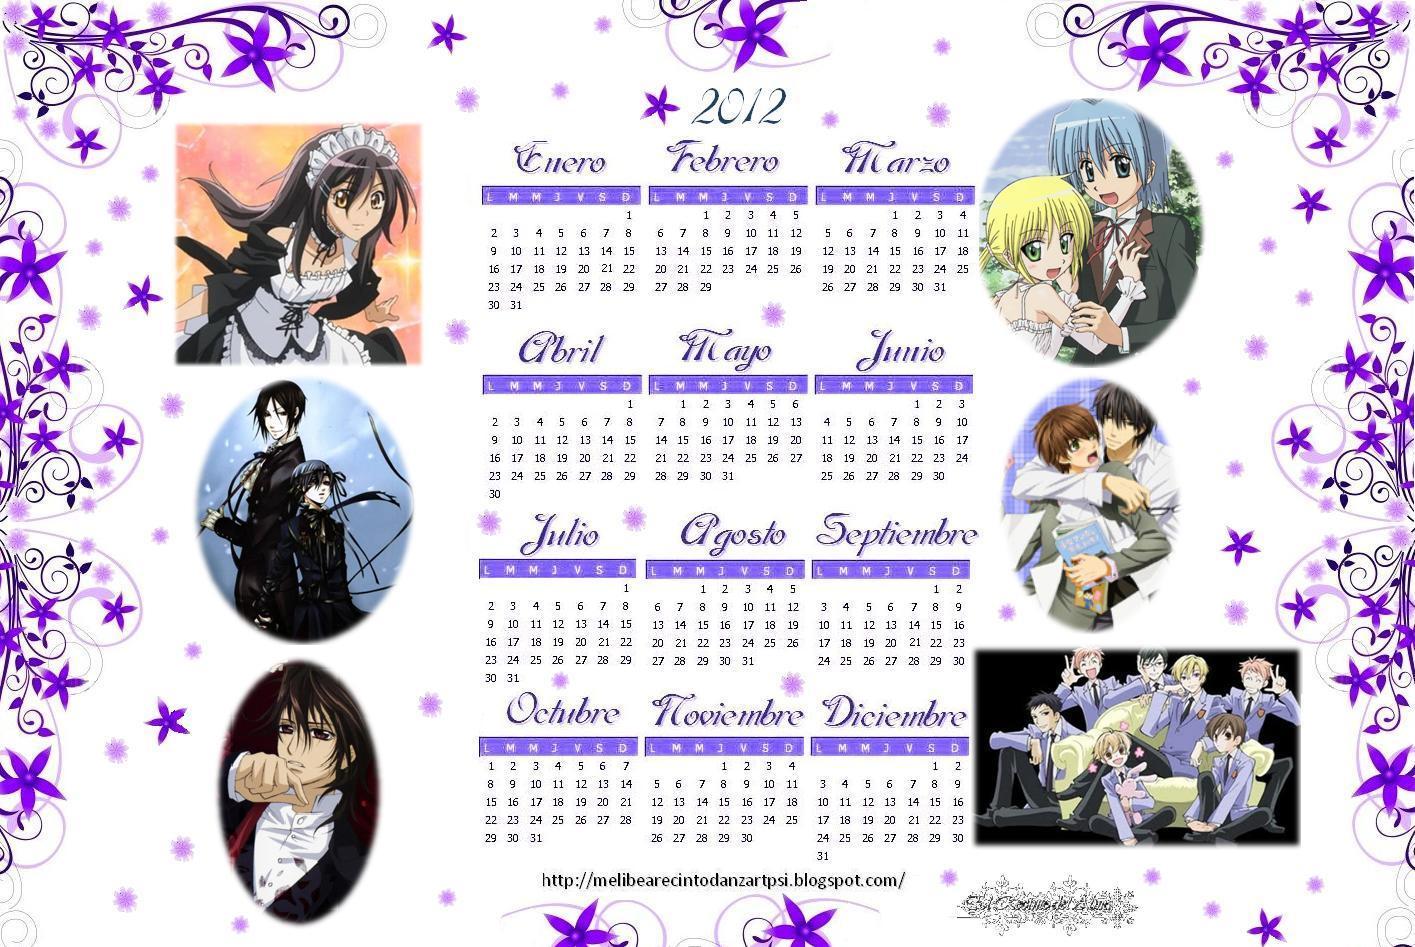 Mundo Series Anime